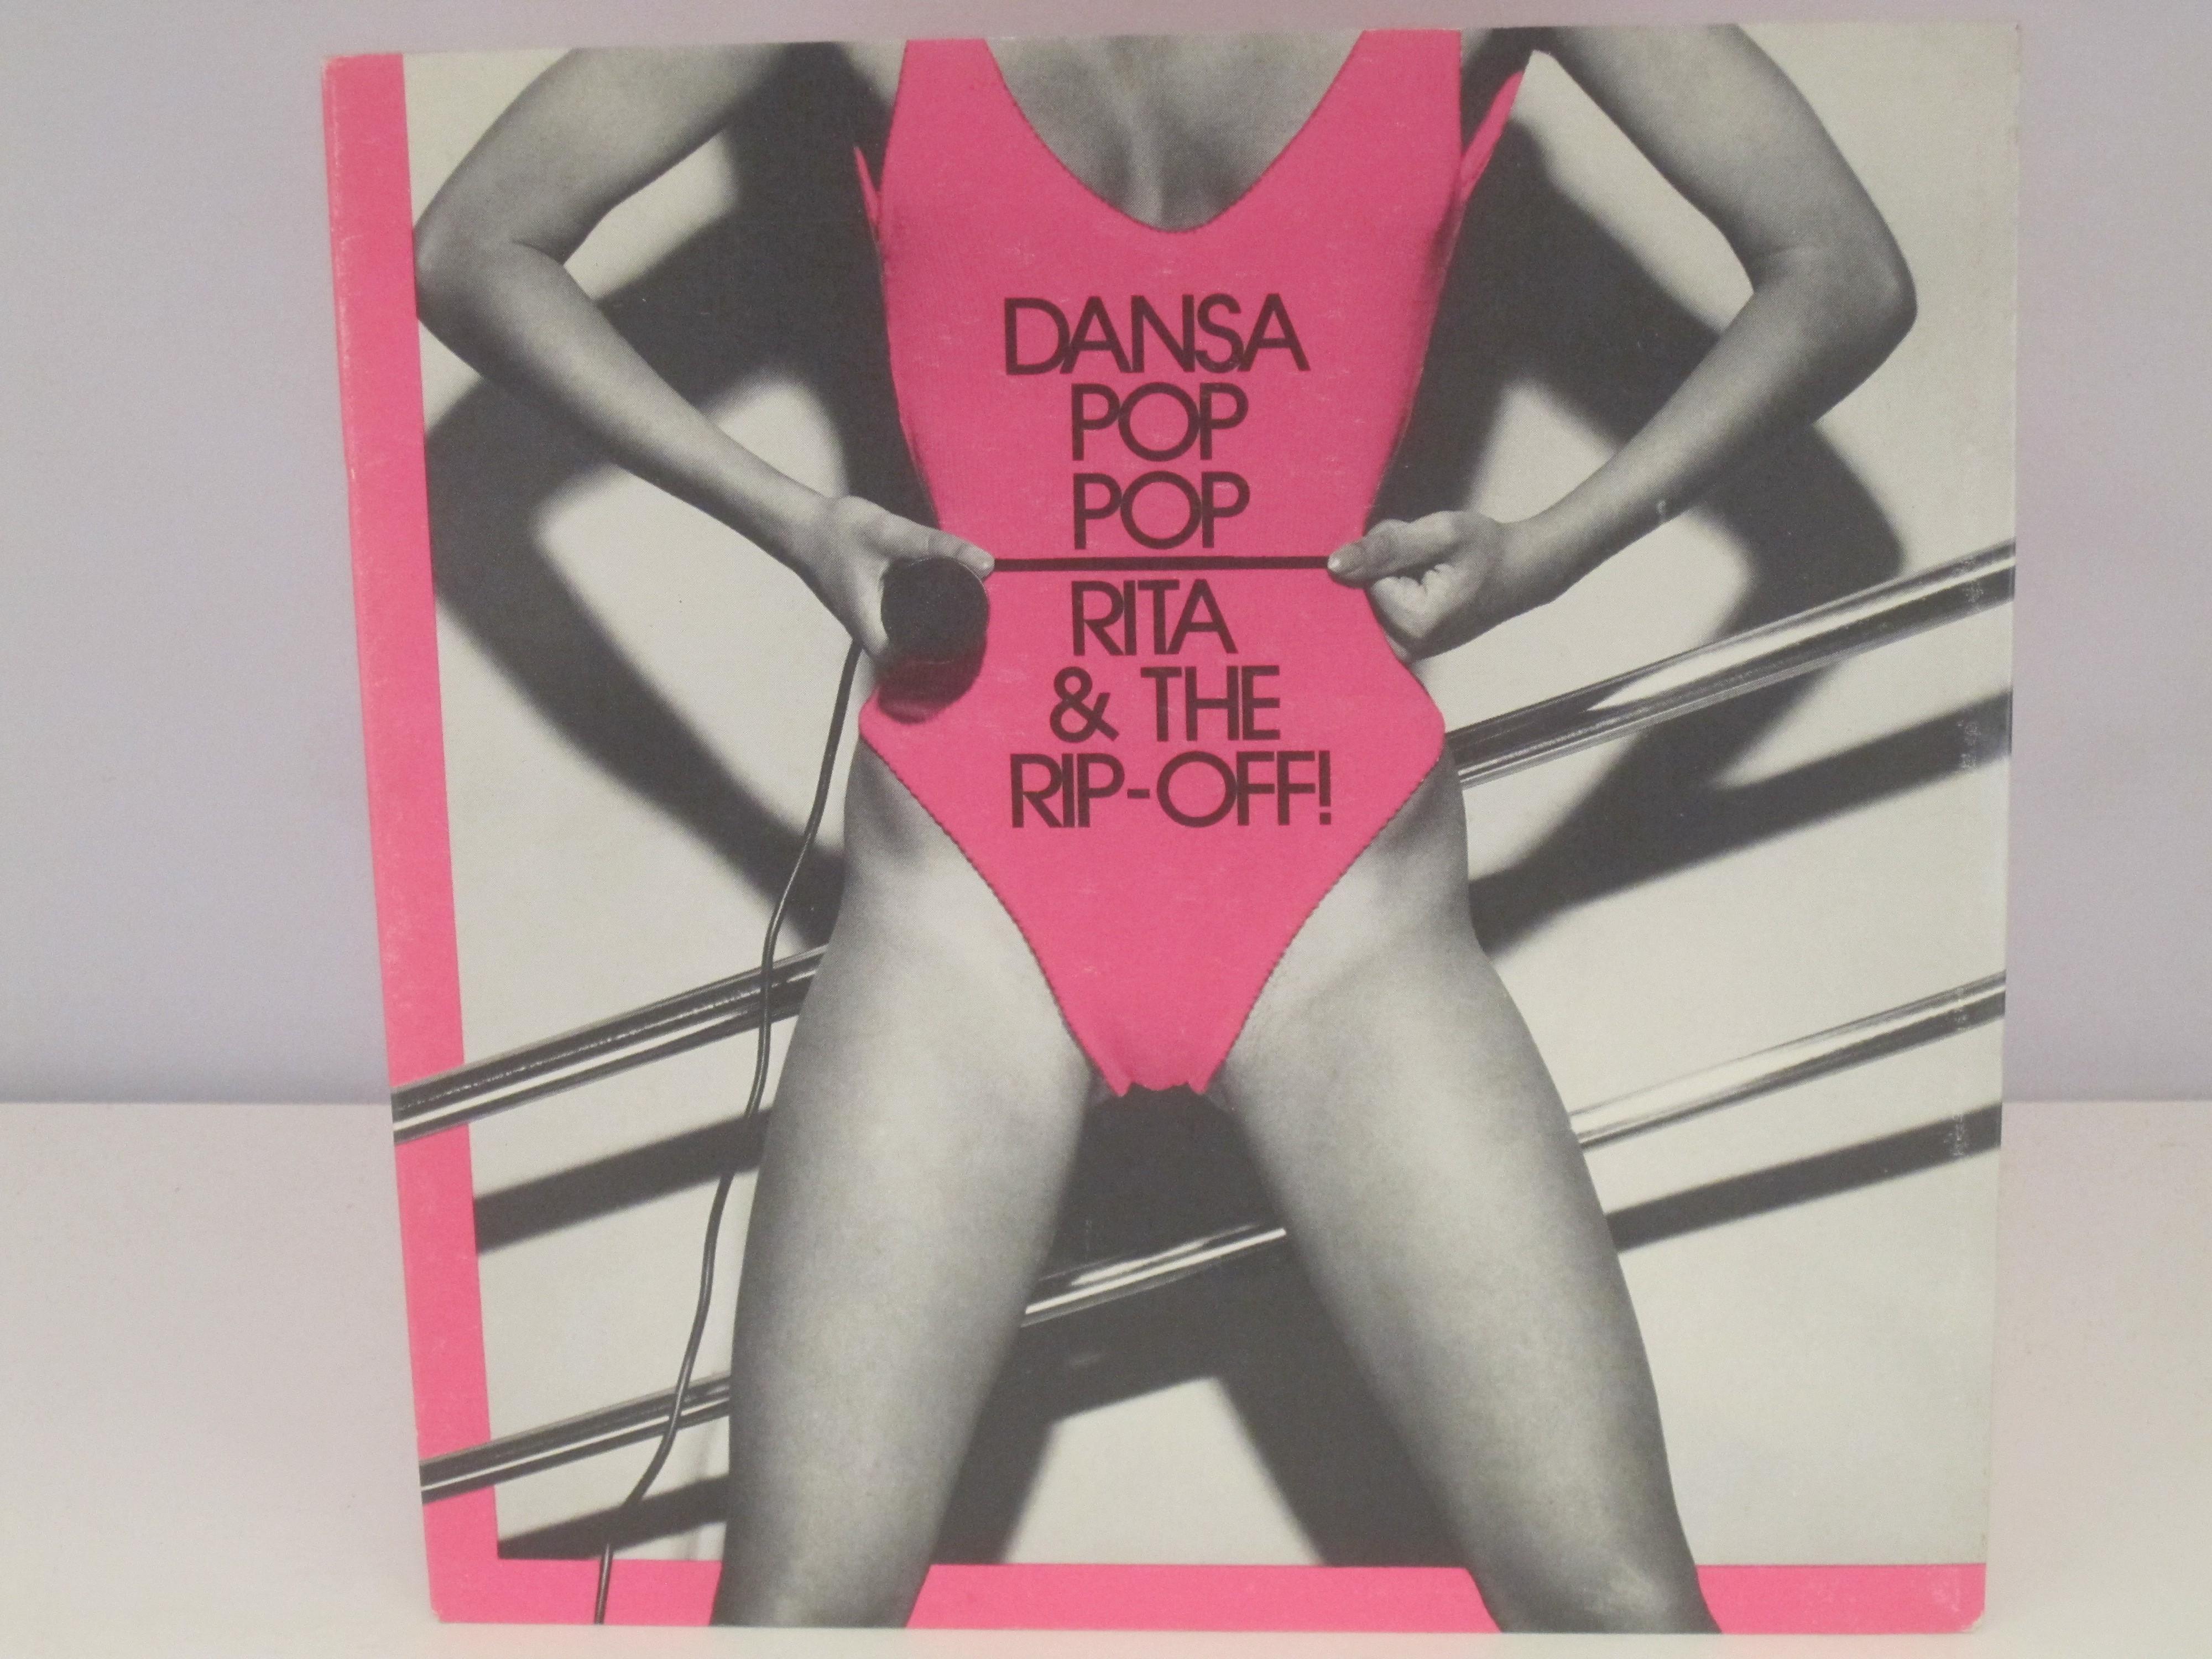 Per Gessle &) RITA & RIP-OFF : Dansa pop pop / - same